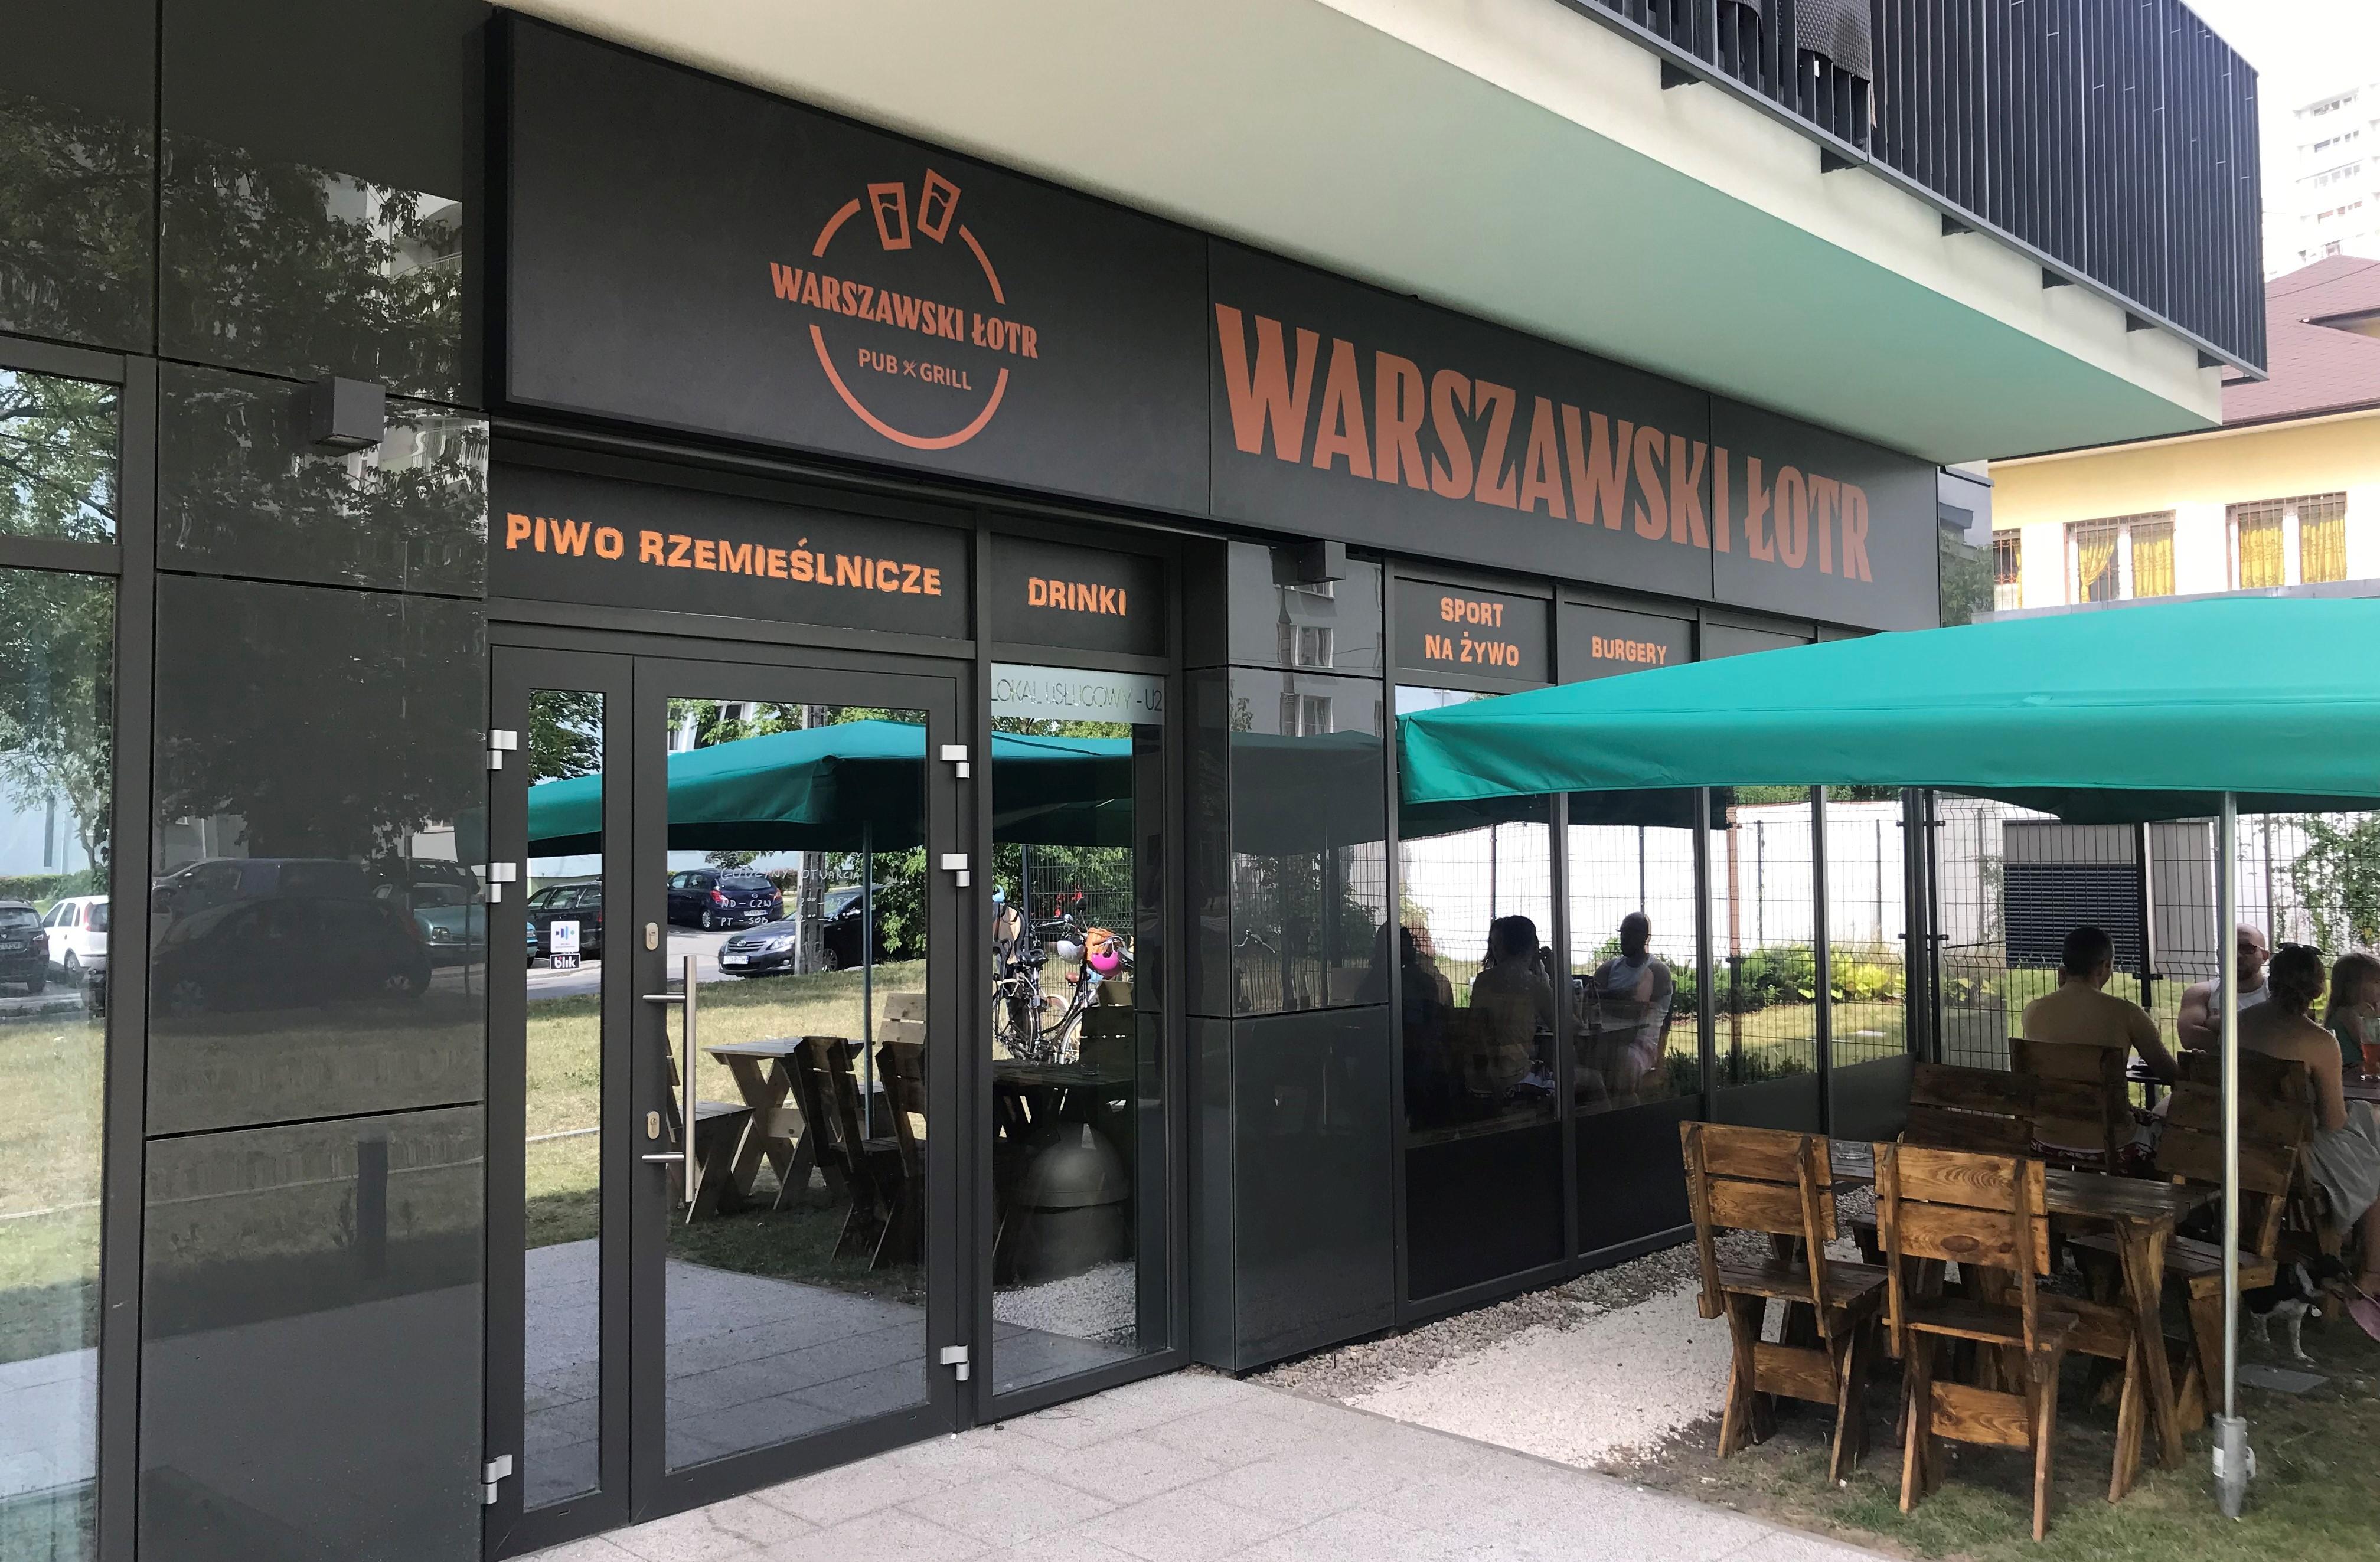 Warszawski Lotr Rzemieslnicze Piwa Na Pradze Poludnie Warsaw Foodie